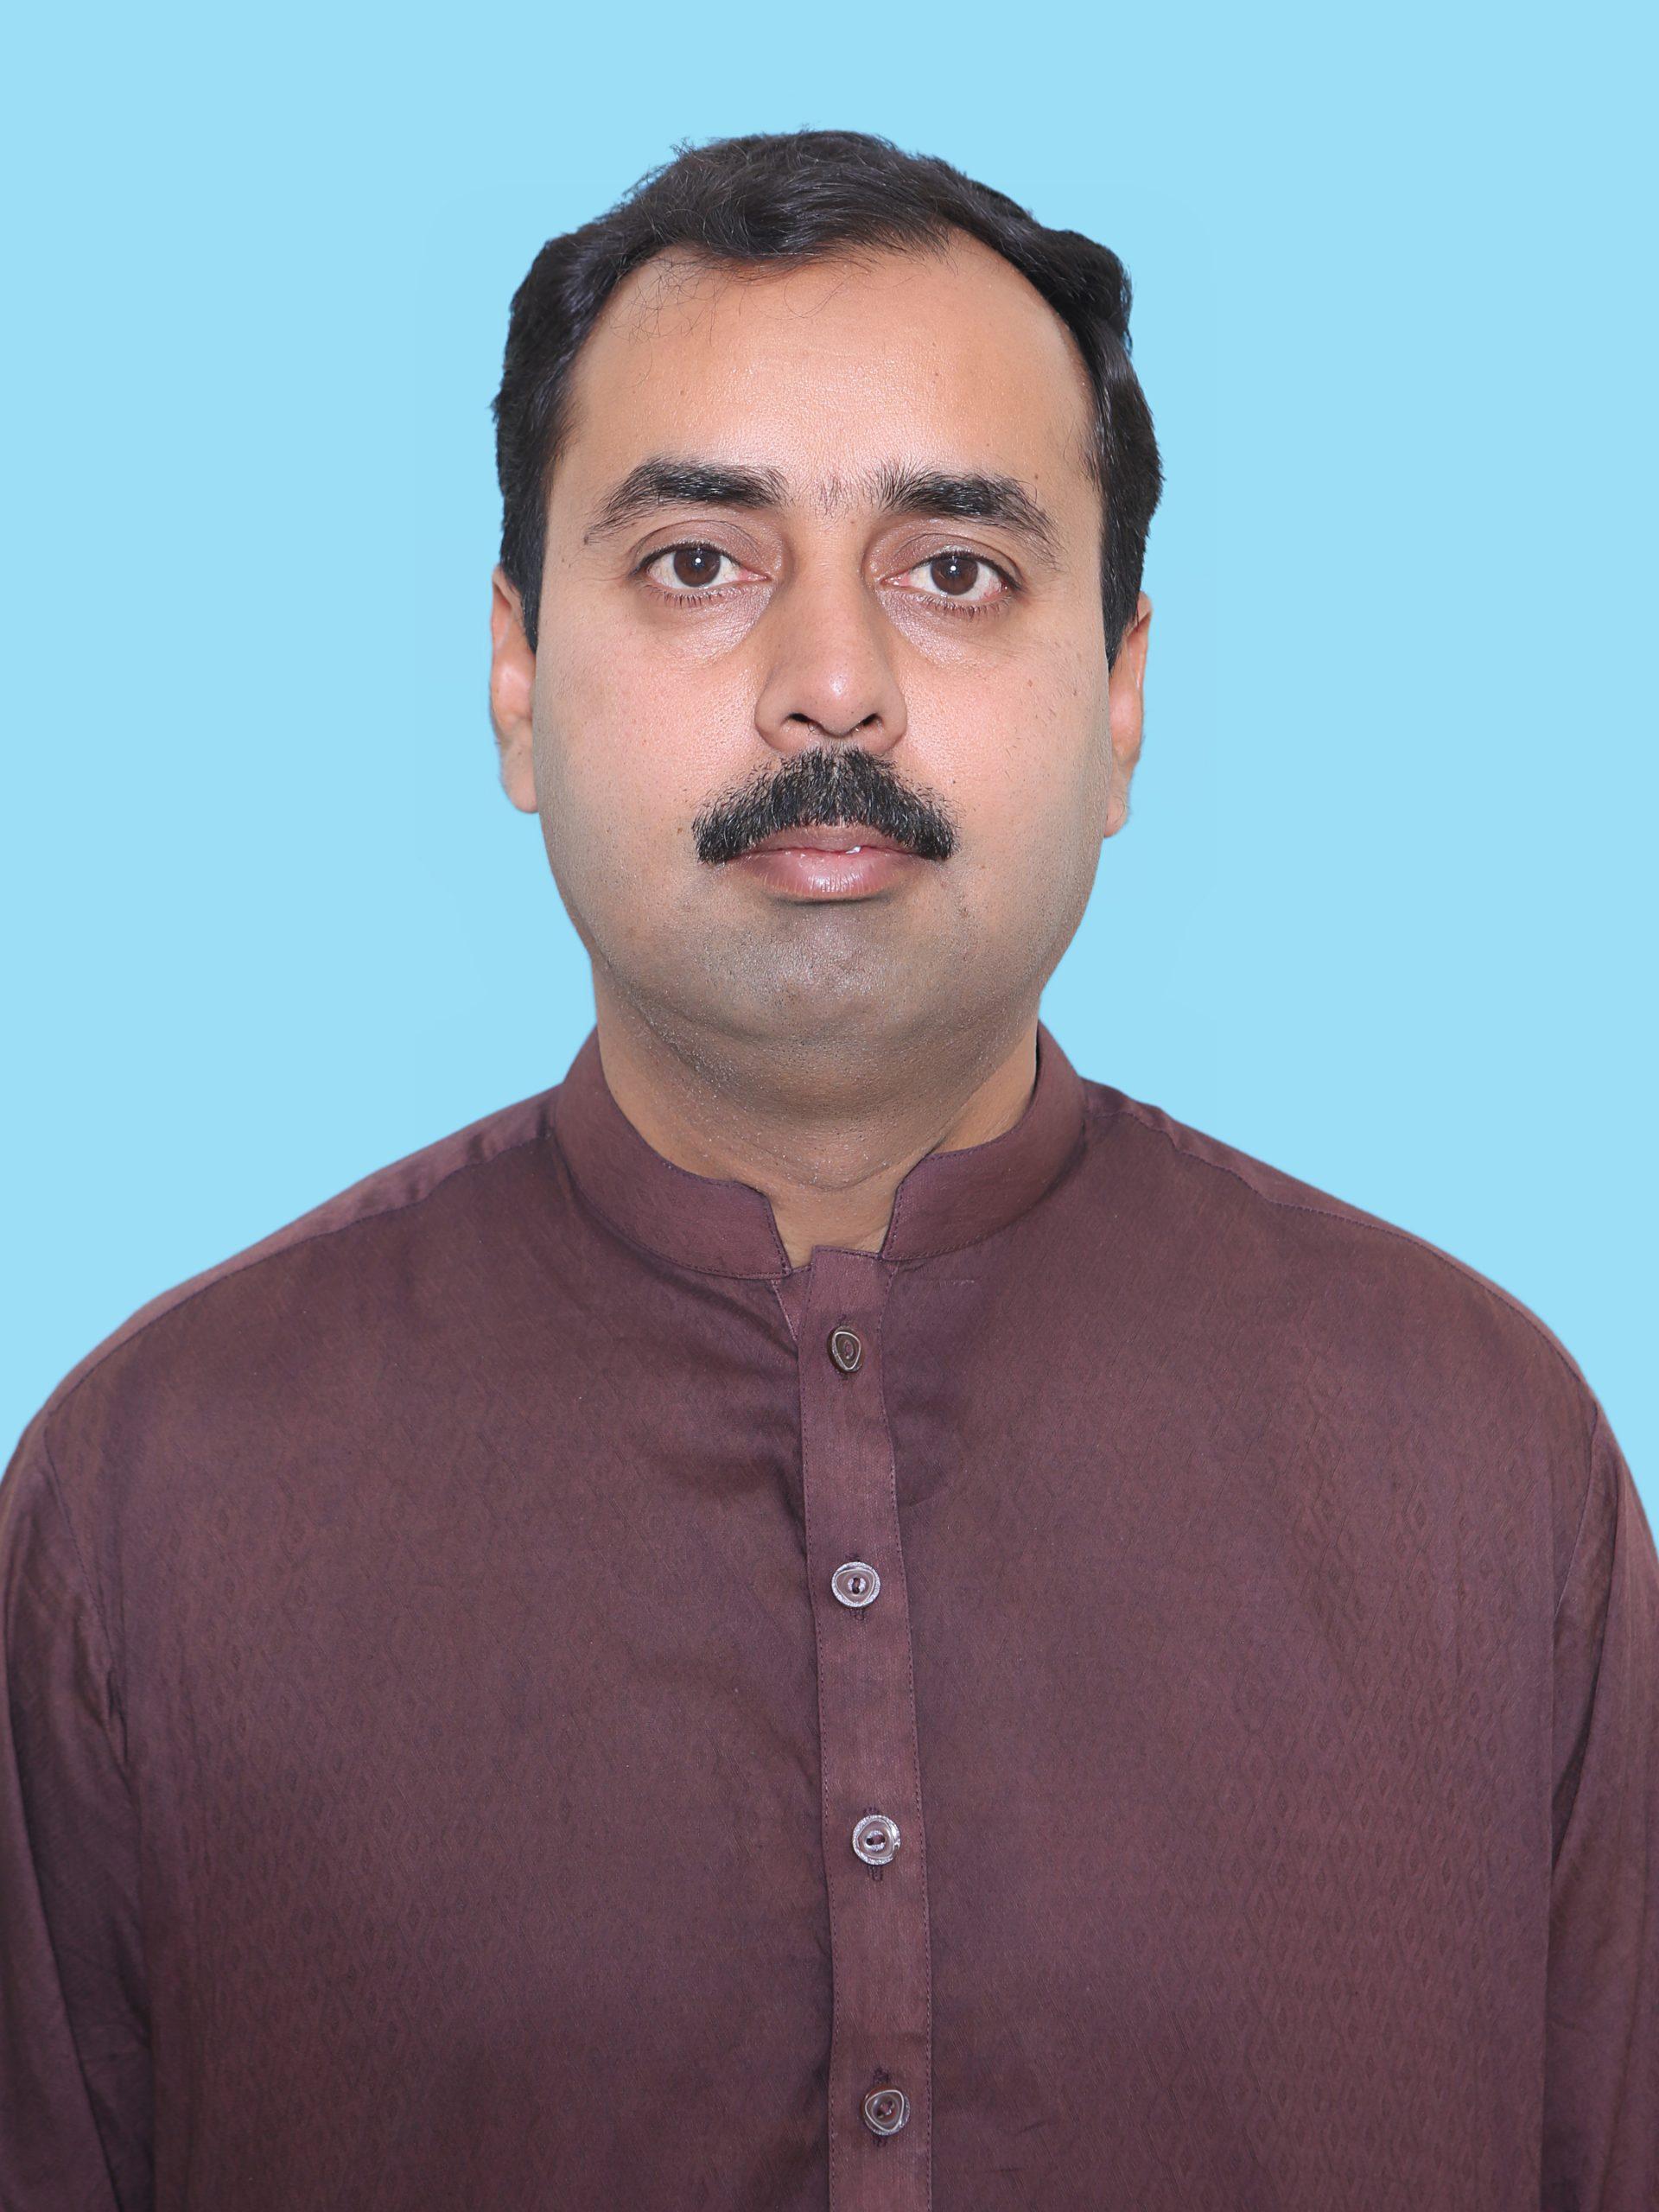 Arif Ali Bhutto